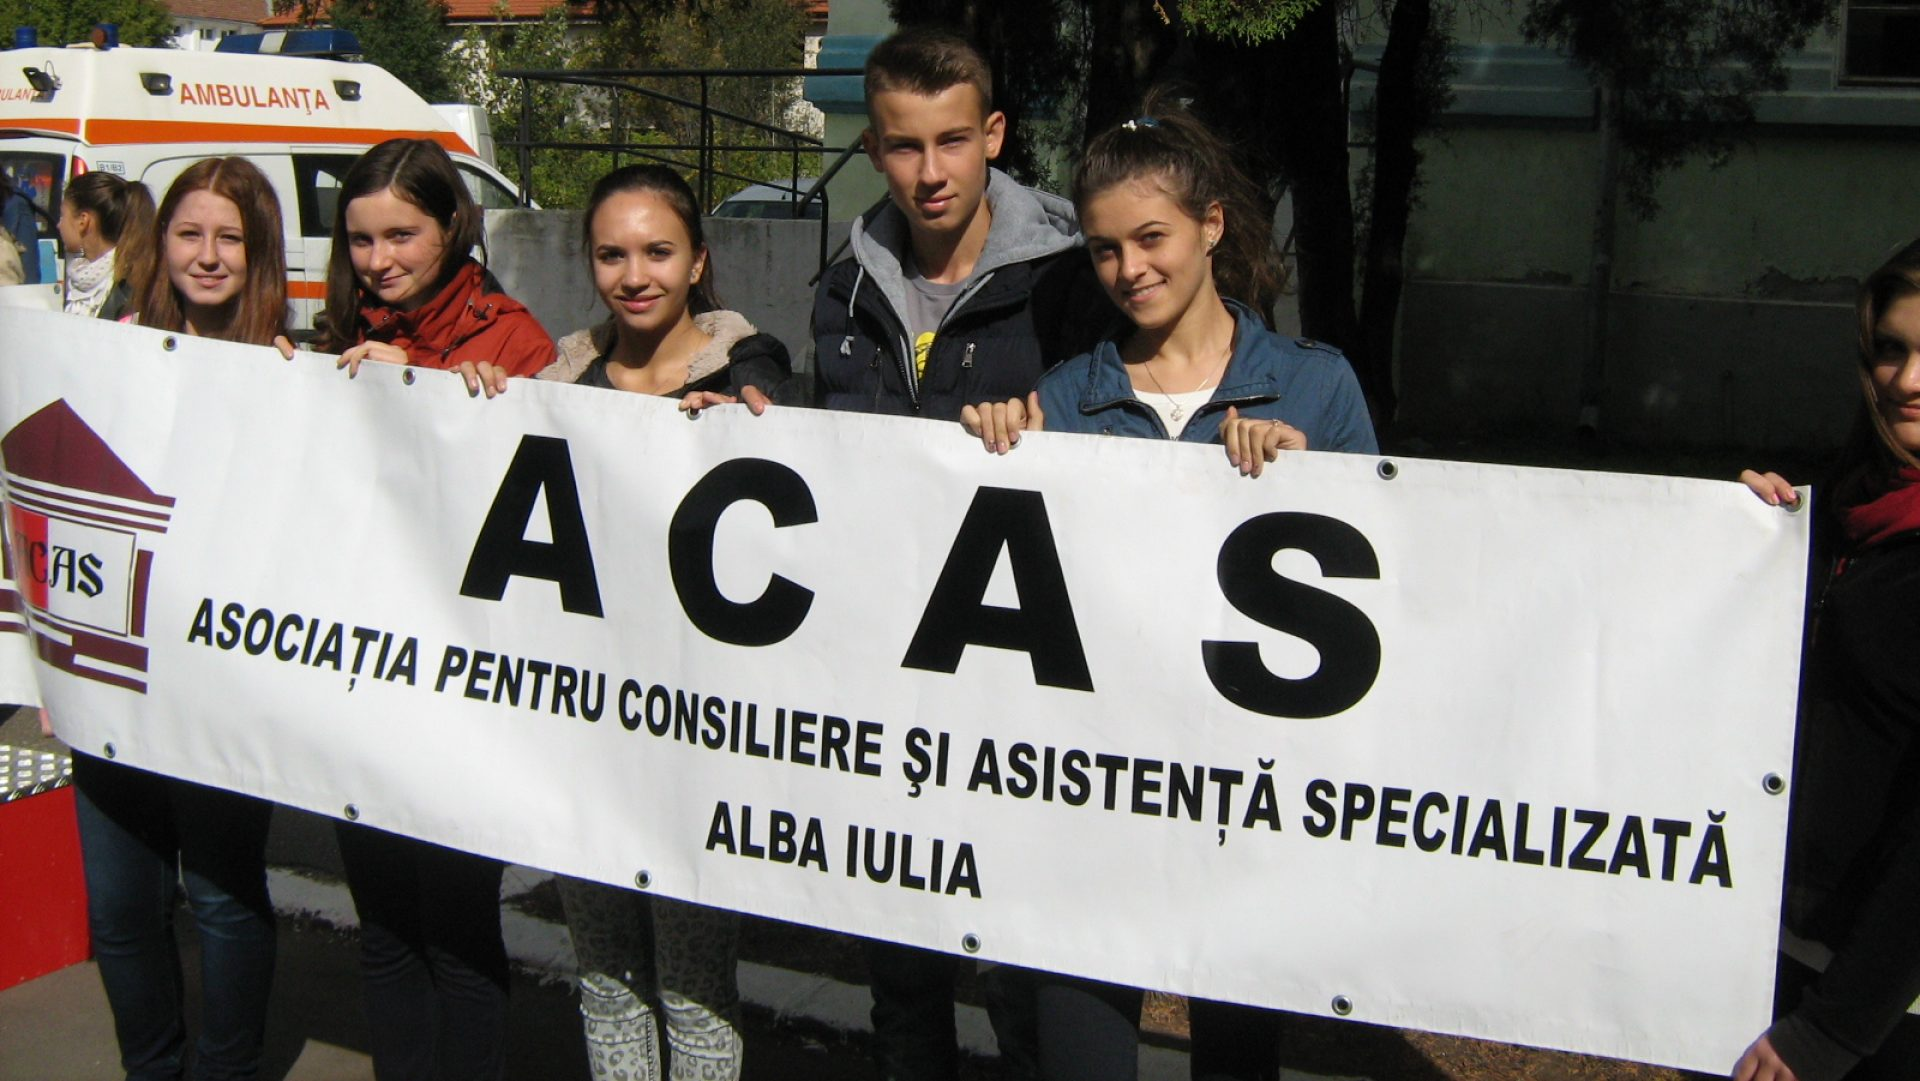 ACAS Alba Iulia